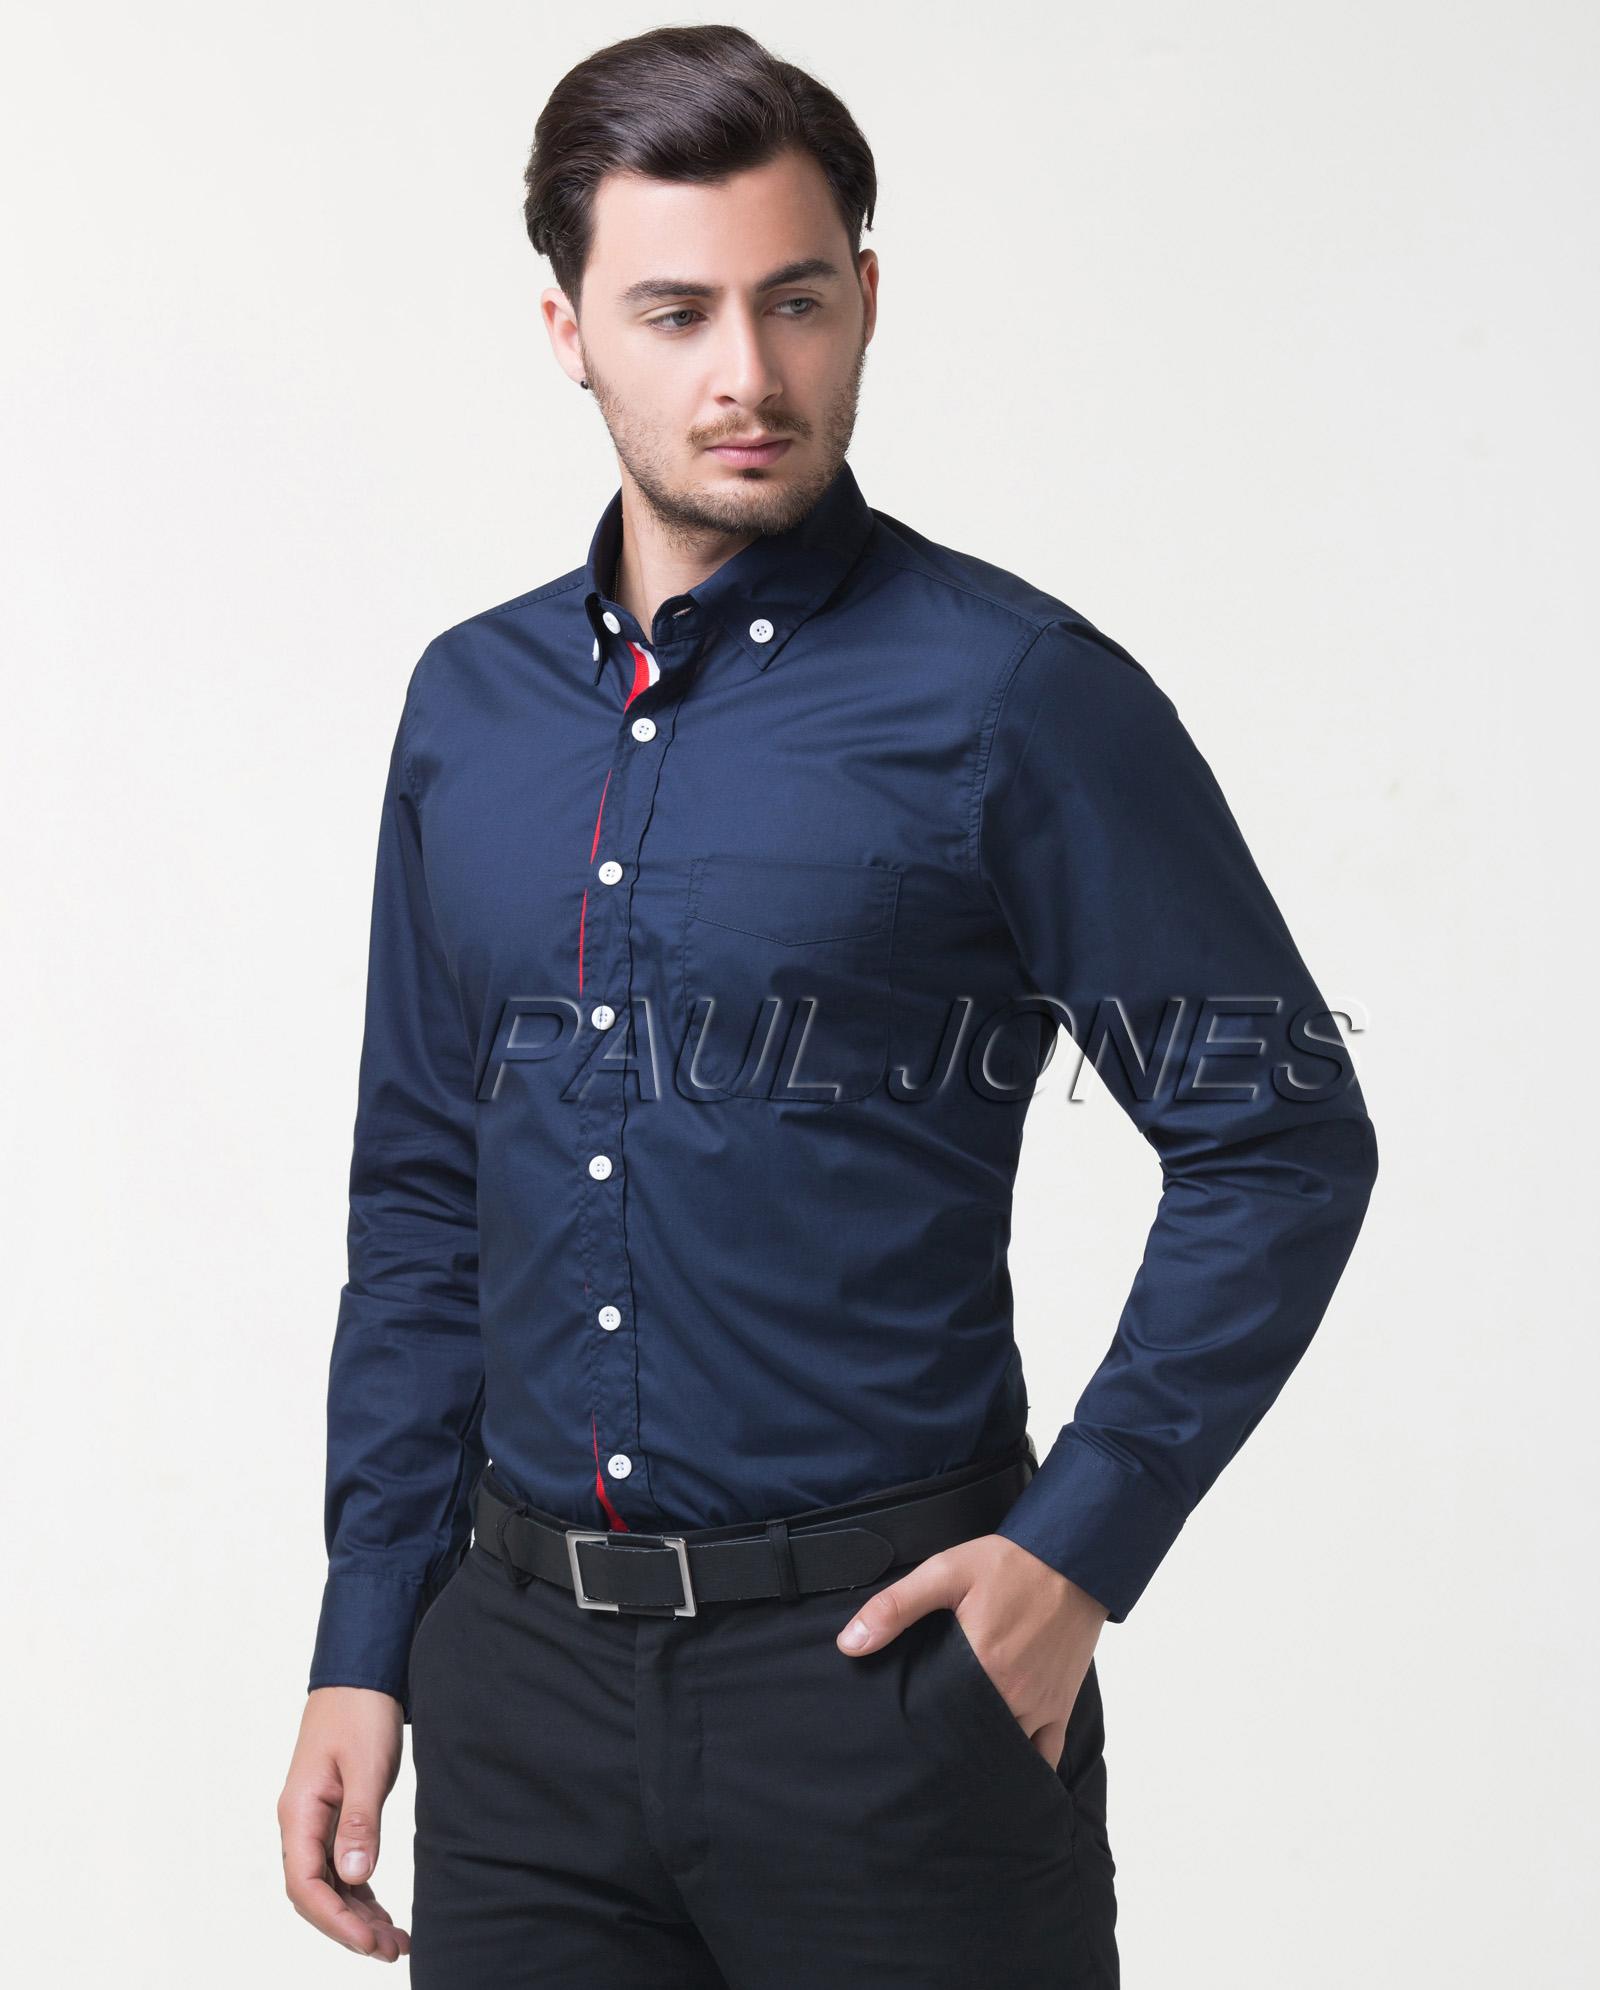 herren formales hemd slim kontrast t shirt polo. Black Bedroom Furniture Sets. Home Design Ideas